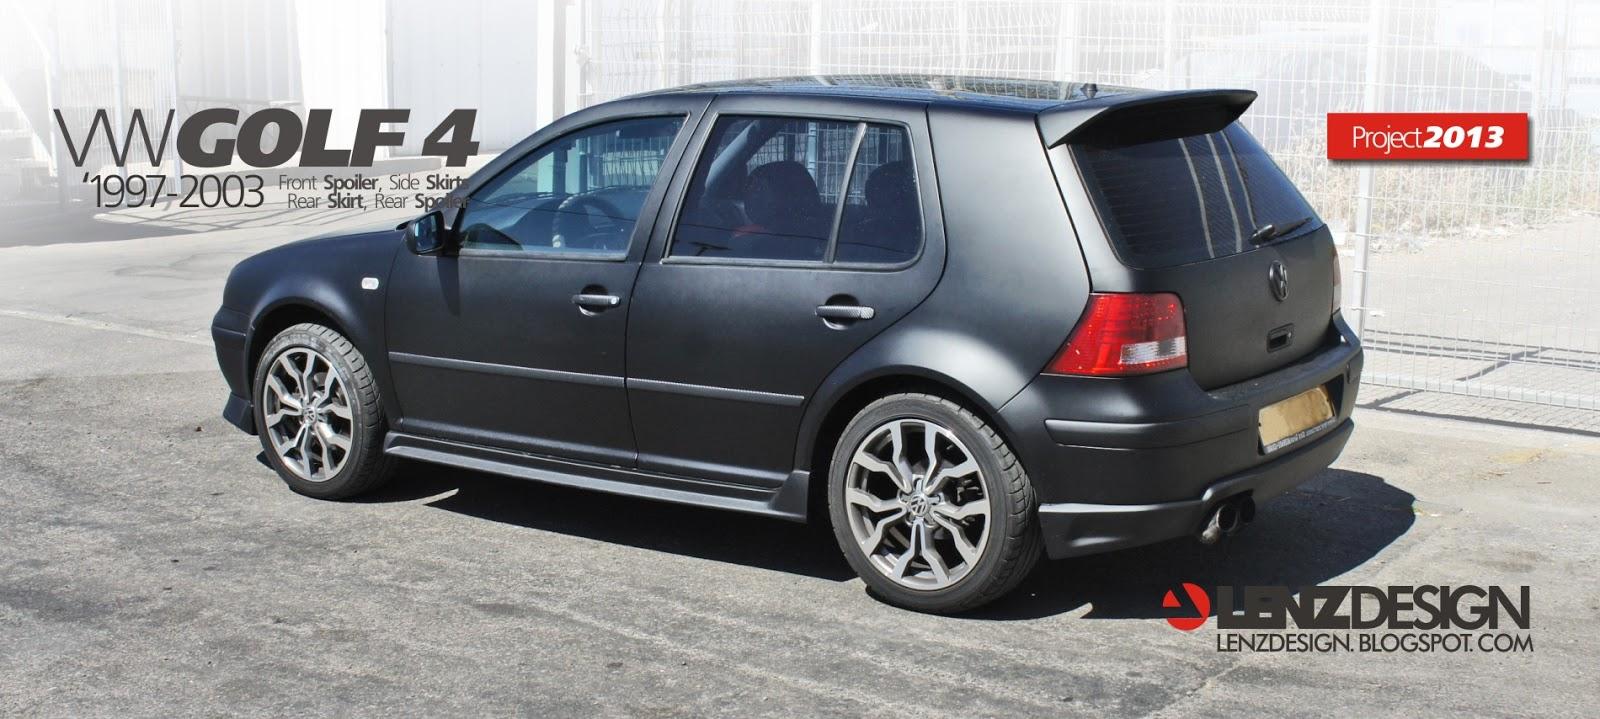 Vw Golf 4 Tuning Lenzdesign שיפורים חיצוניים לרכב Auto Cars Benz